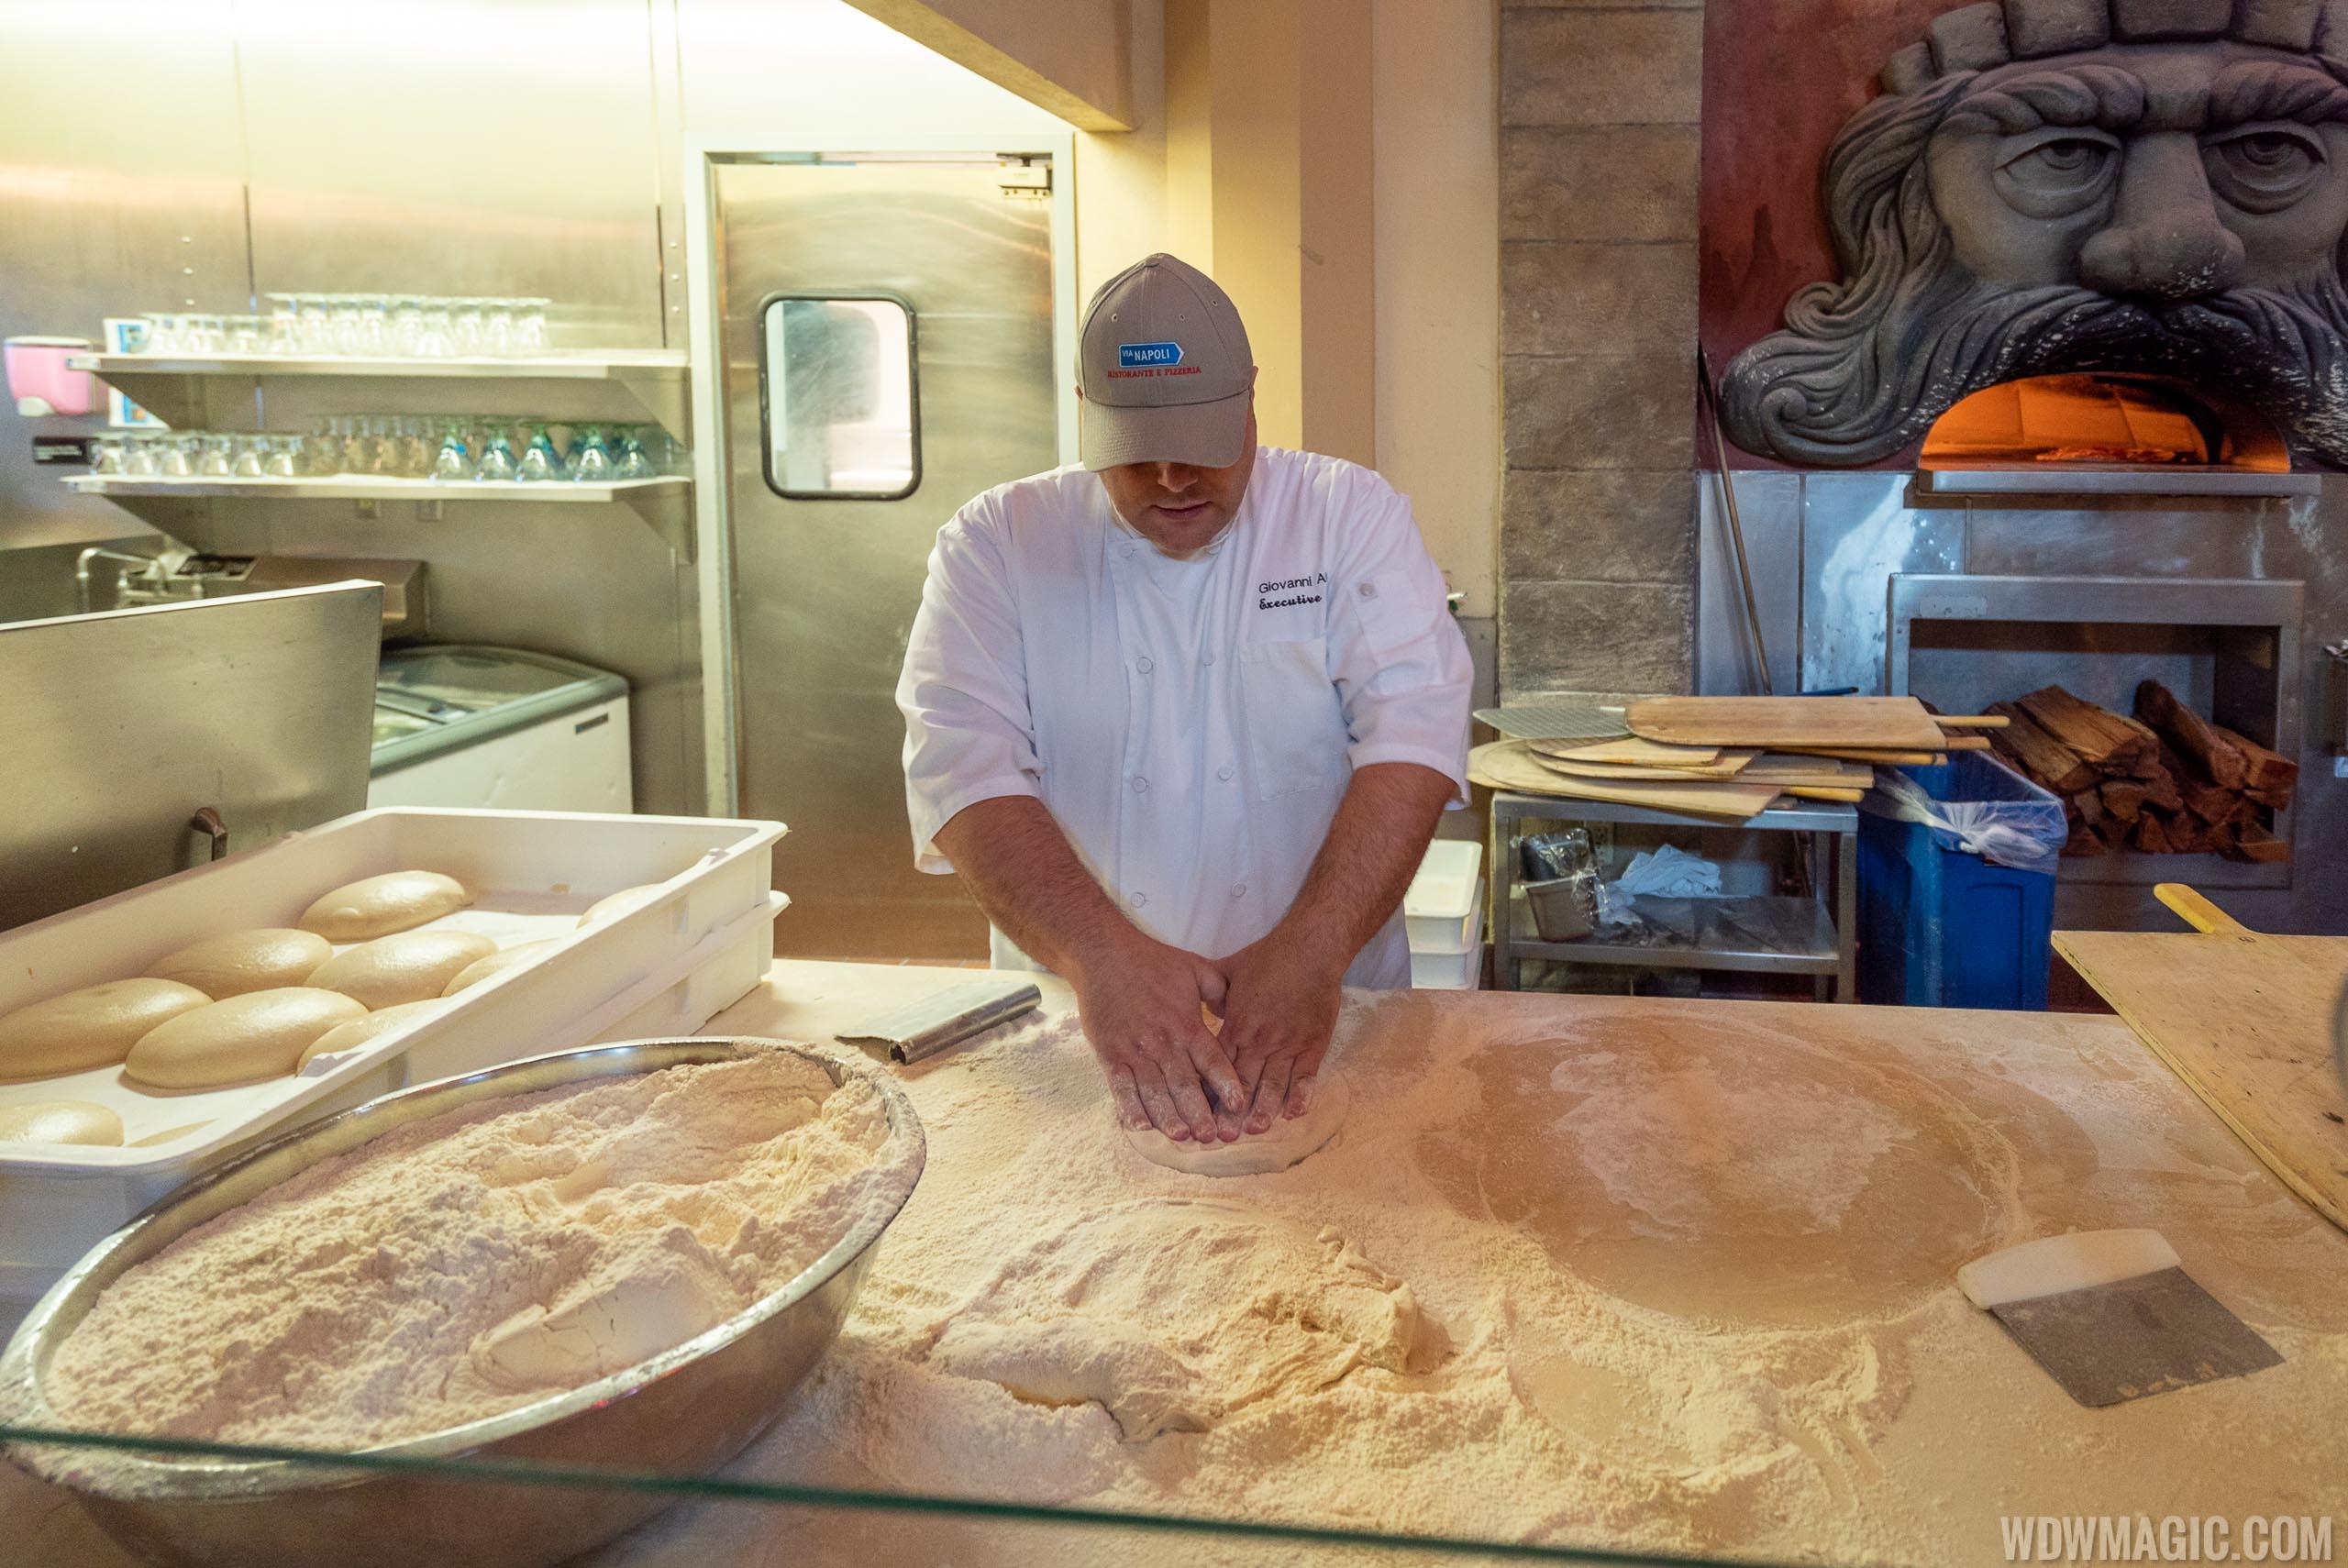 Via Napoli Executive Chef Giovanni Aletto begins the pizza making process